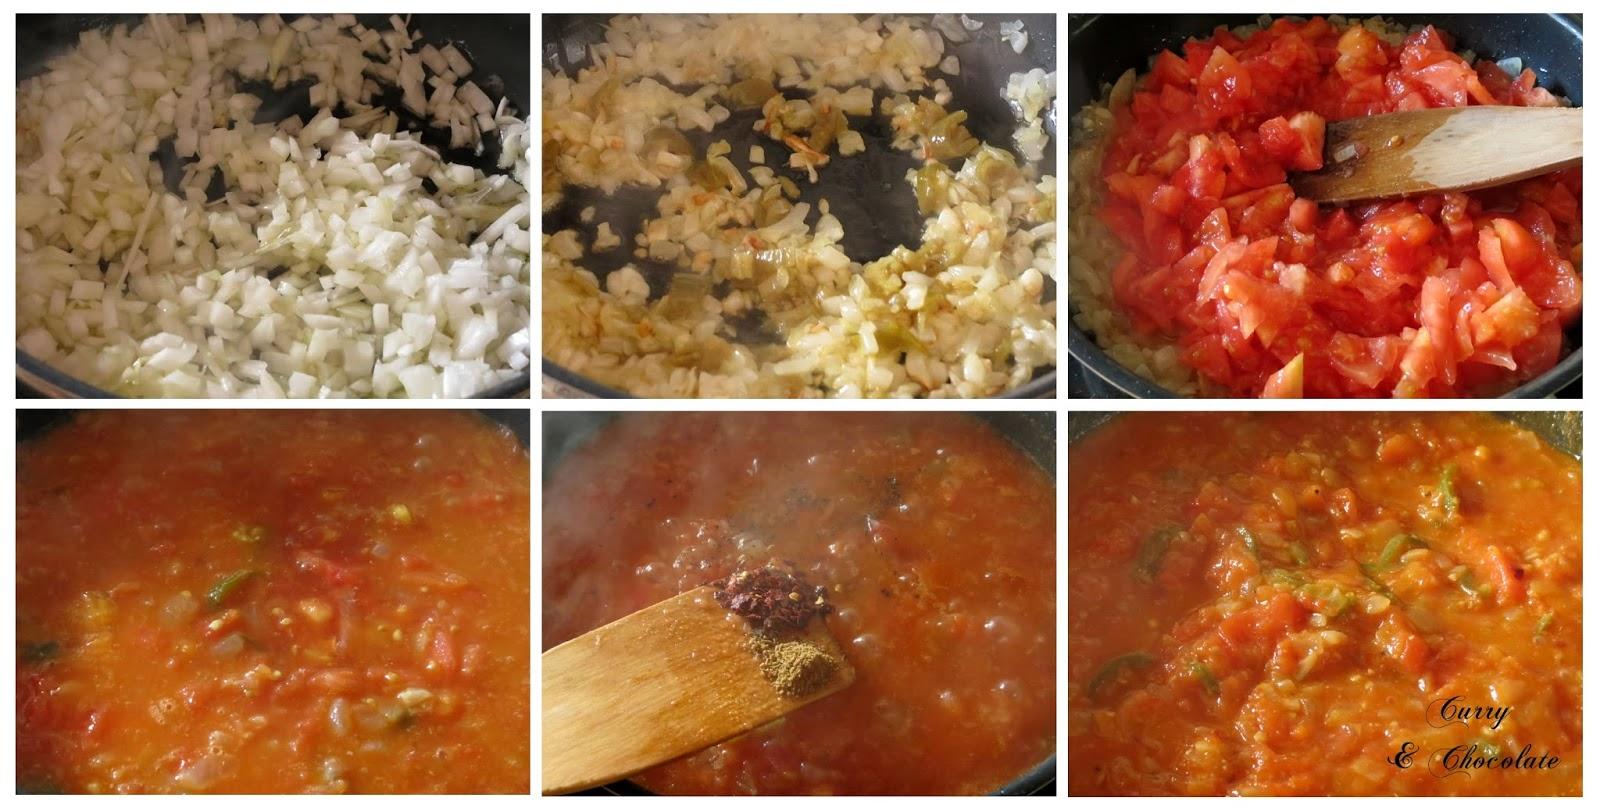 Preparando la salsa para enchiladas